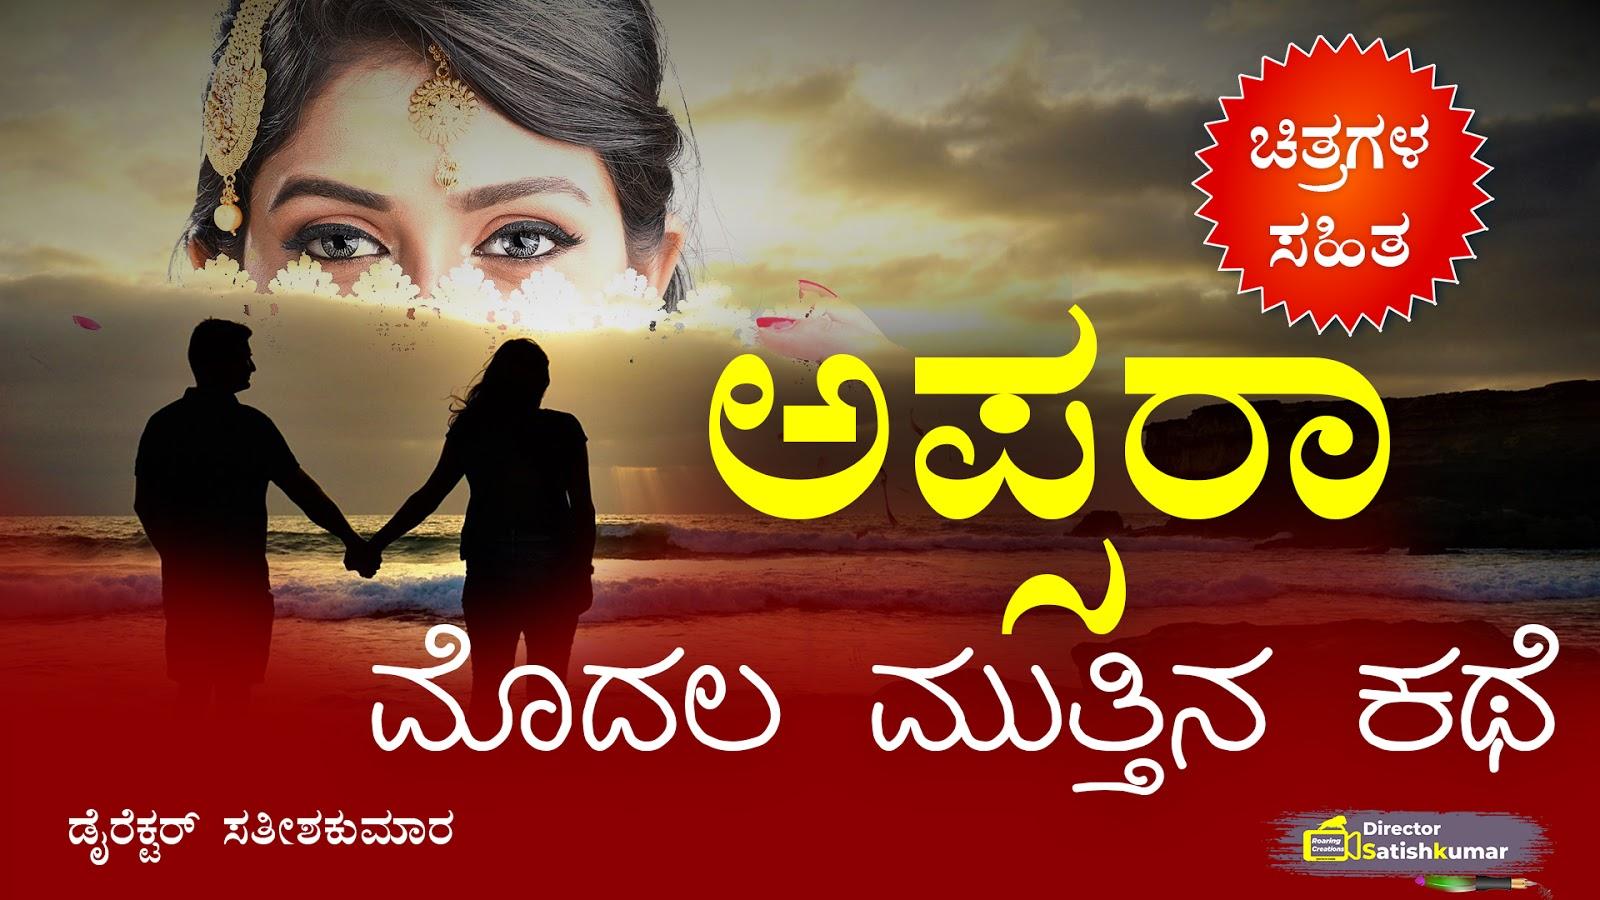 ಅಪ್ಸರಾ - ಮೊದಲ ಮುತ್ತಿನ ಕಥೆ - Kannada Romantic Love Story - ಕನ್ನಡ ಕಥೆ ಪುಸ್ತಕಗಳು - Kannada Story Books -  E Books Kannada - Kannada Books